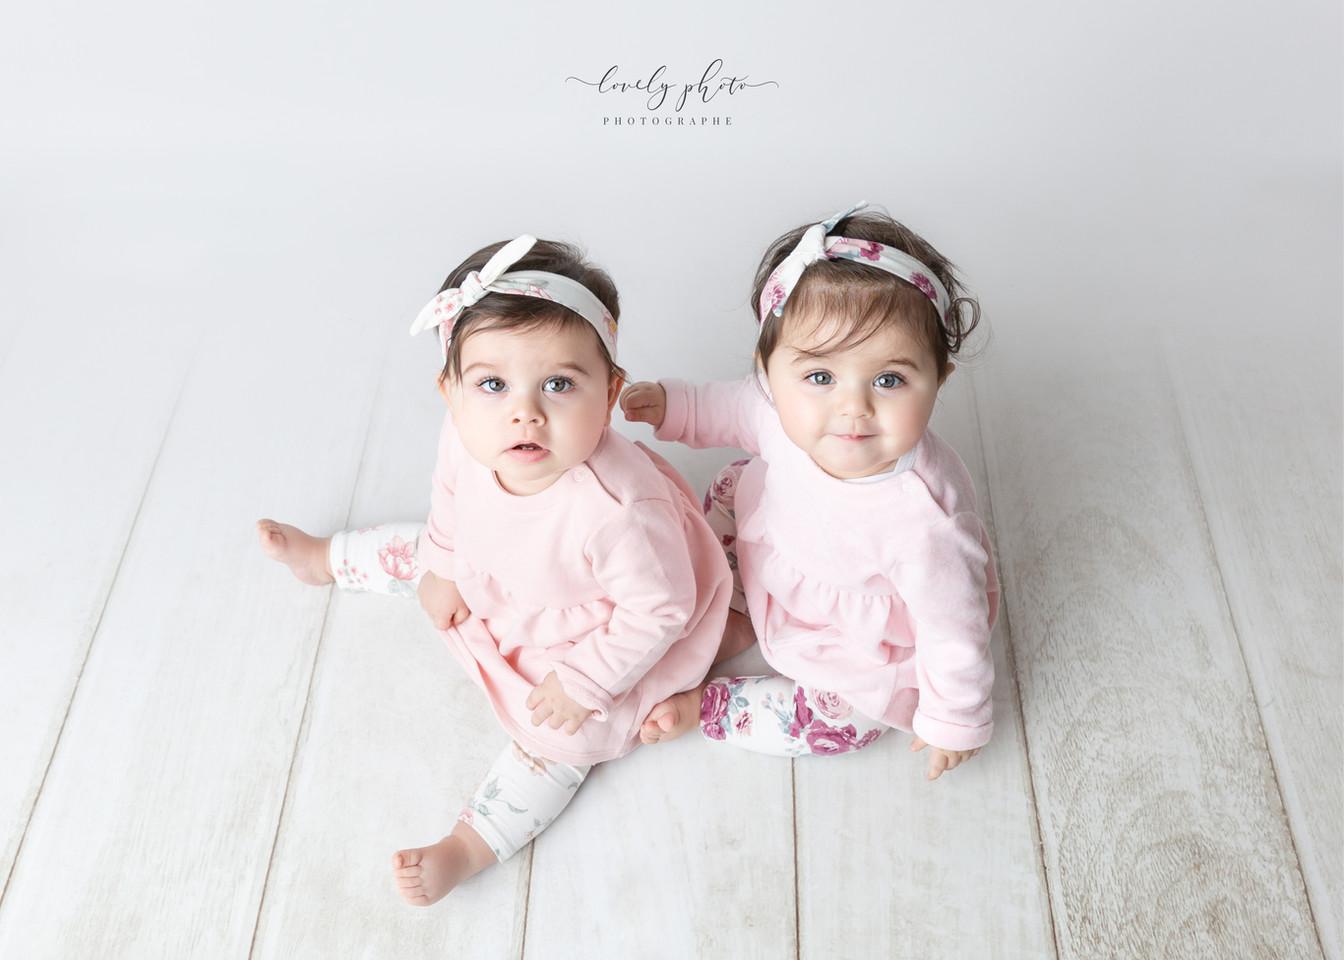 photographe bébé lausanne